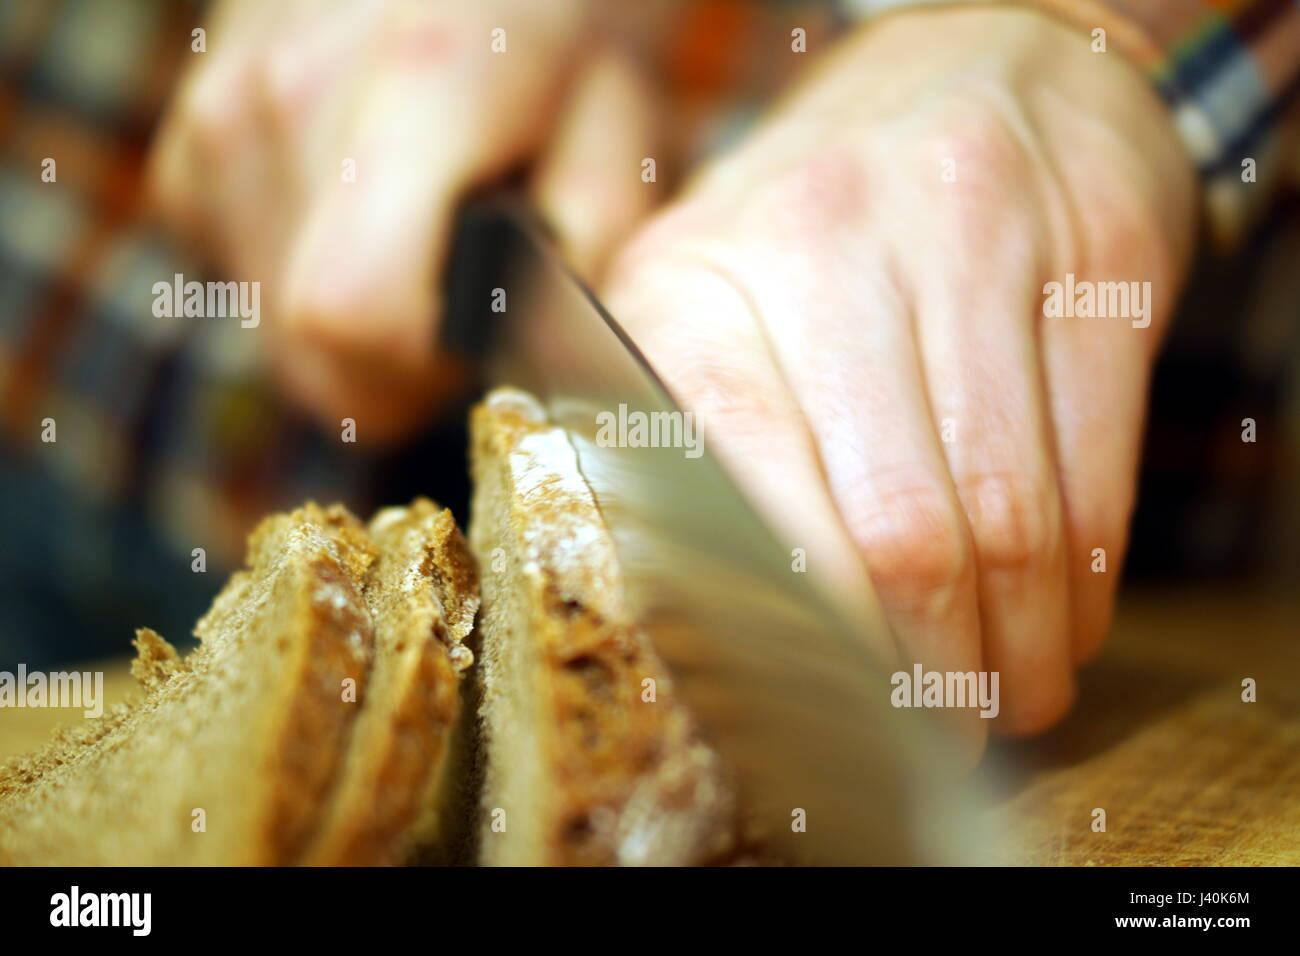 Schneiden von Brot mit einem Messer Stockbild